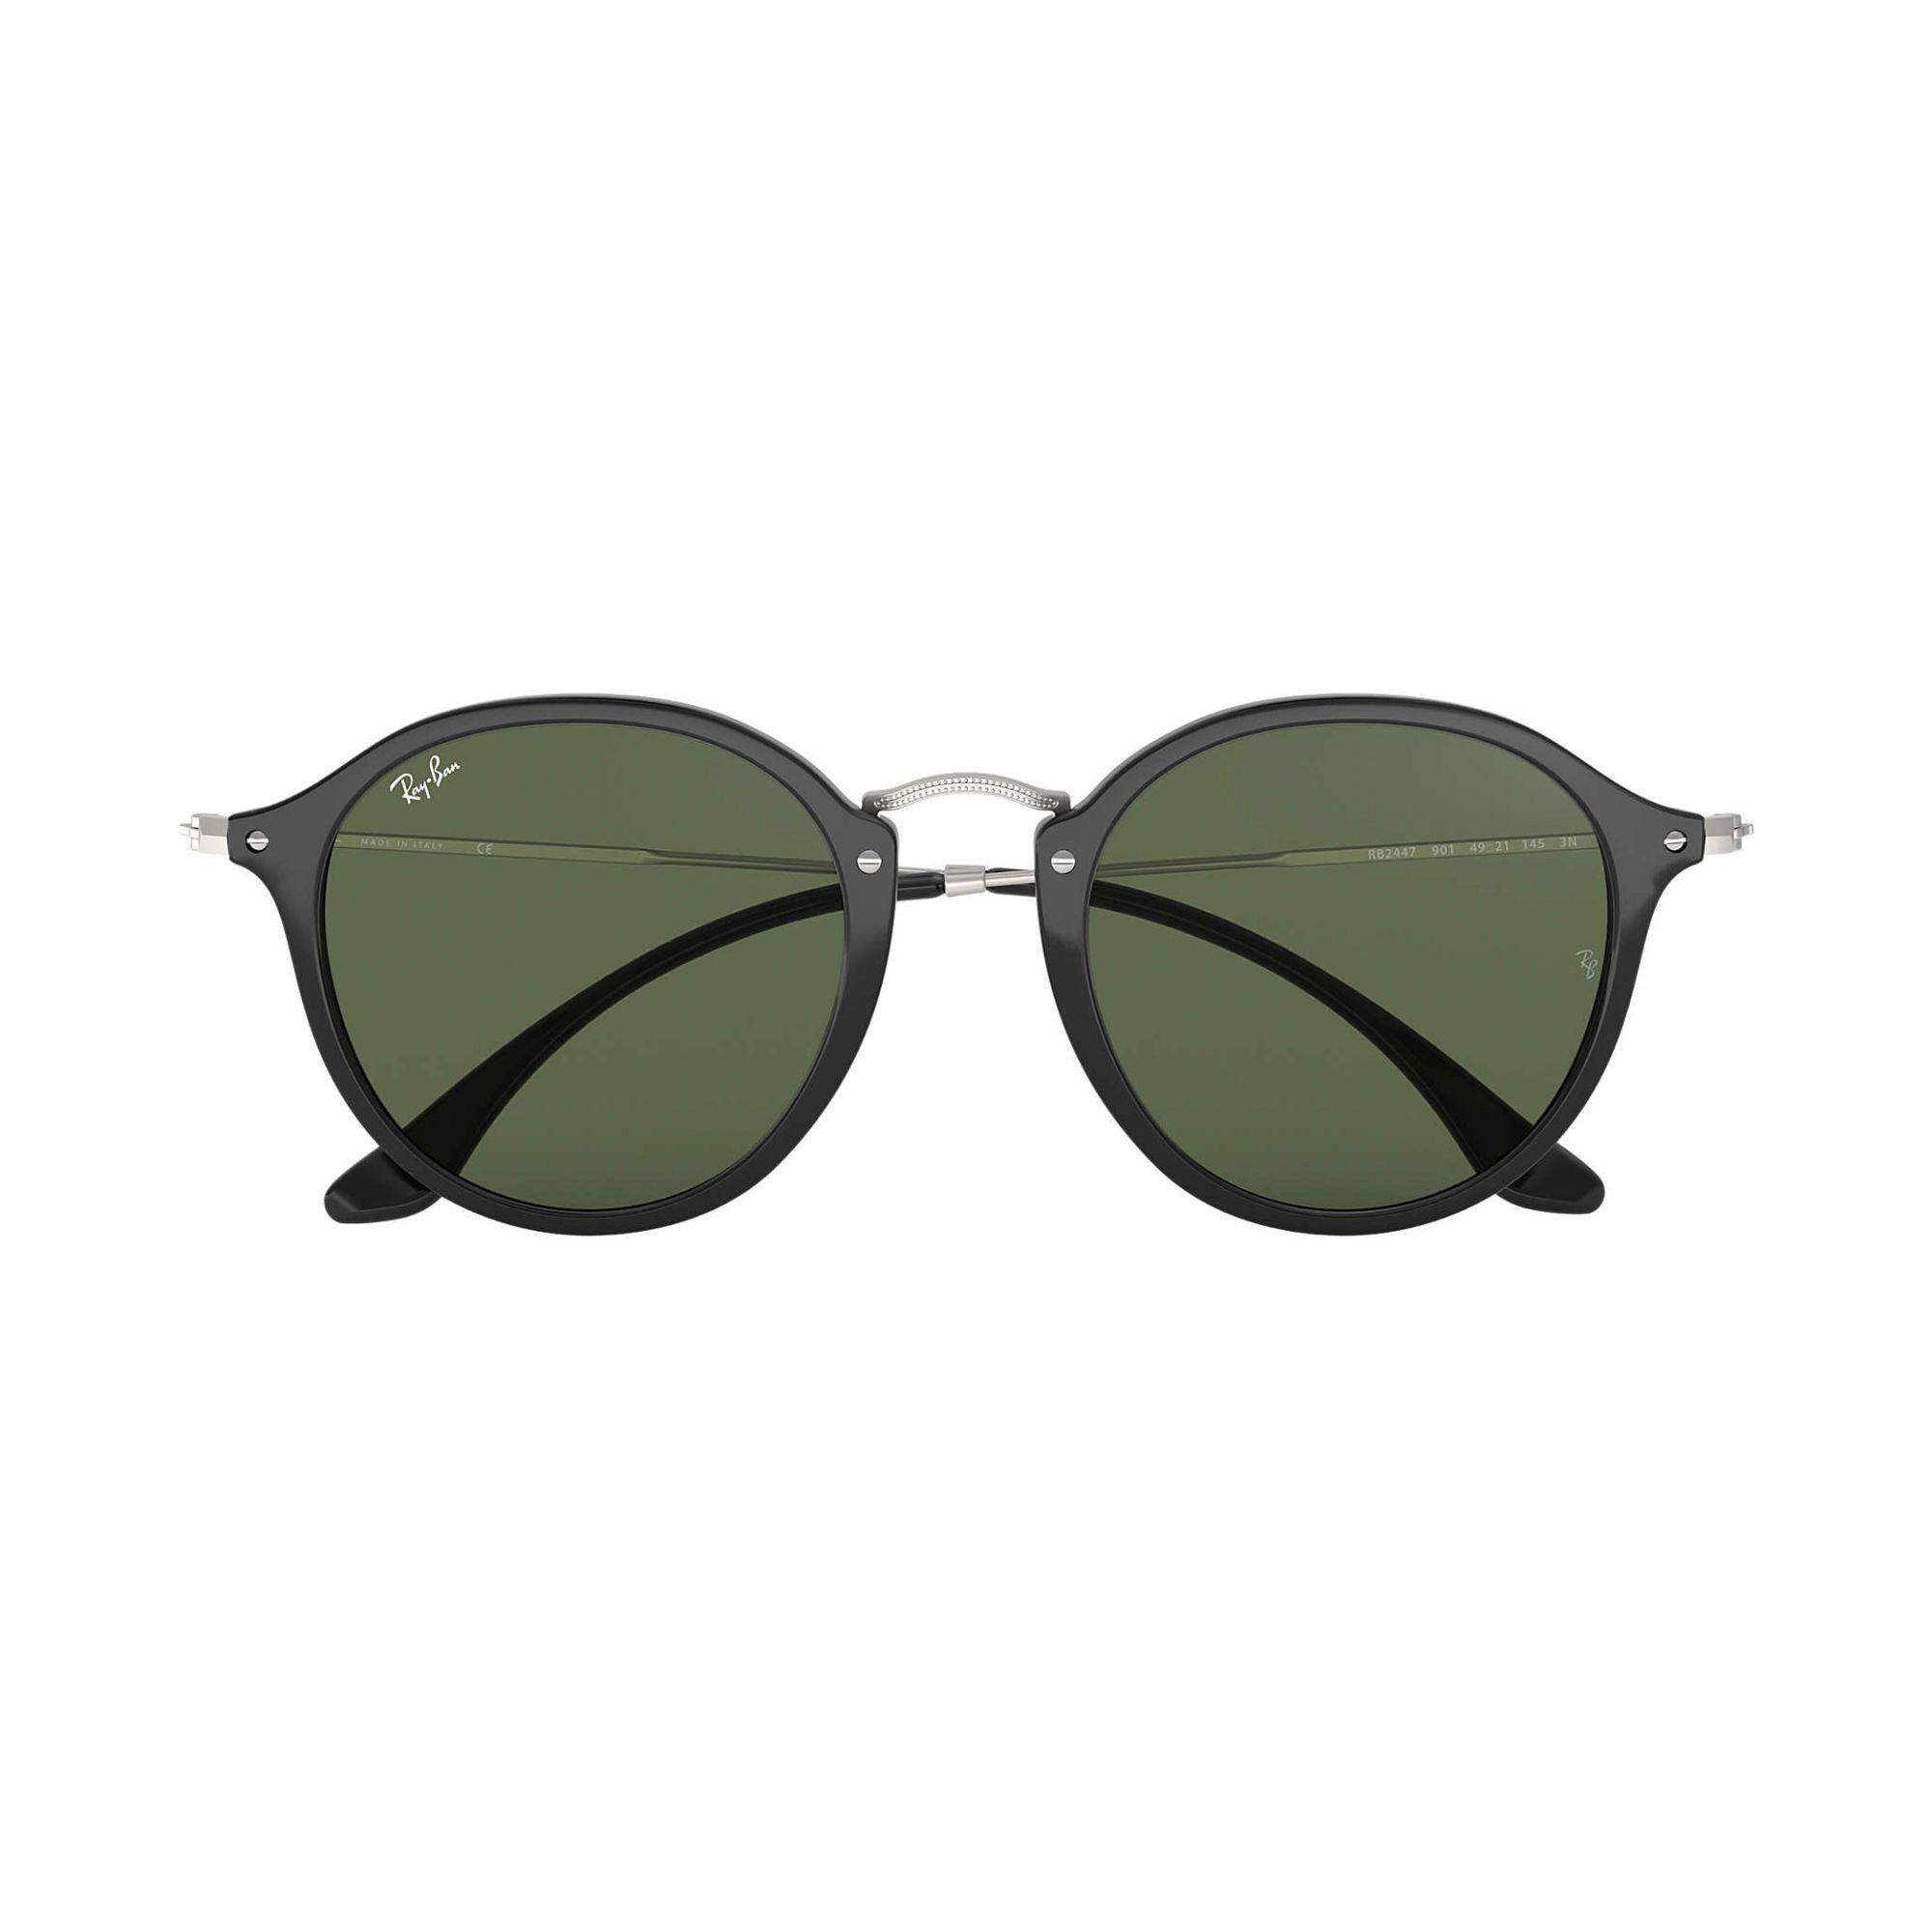 Ray Ban - RB2447 901 - Óculos de sol